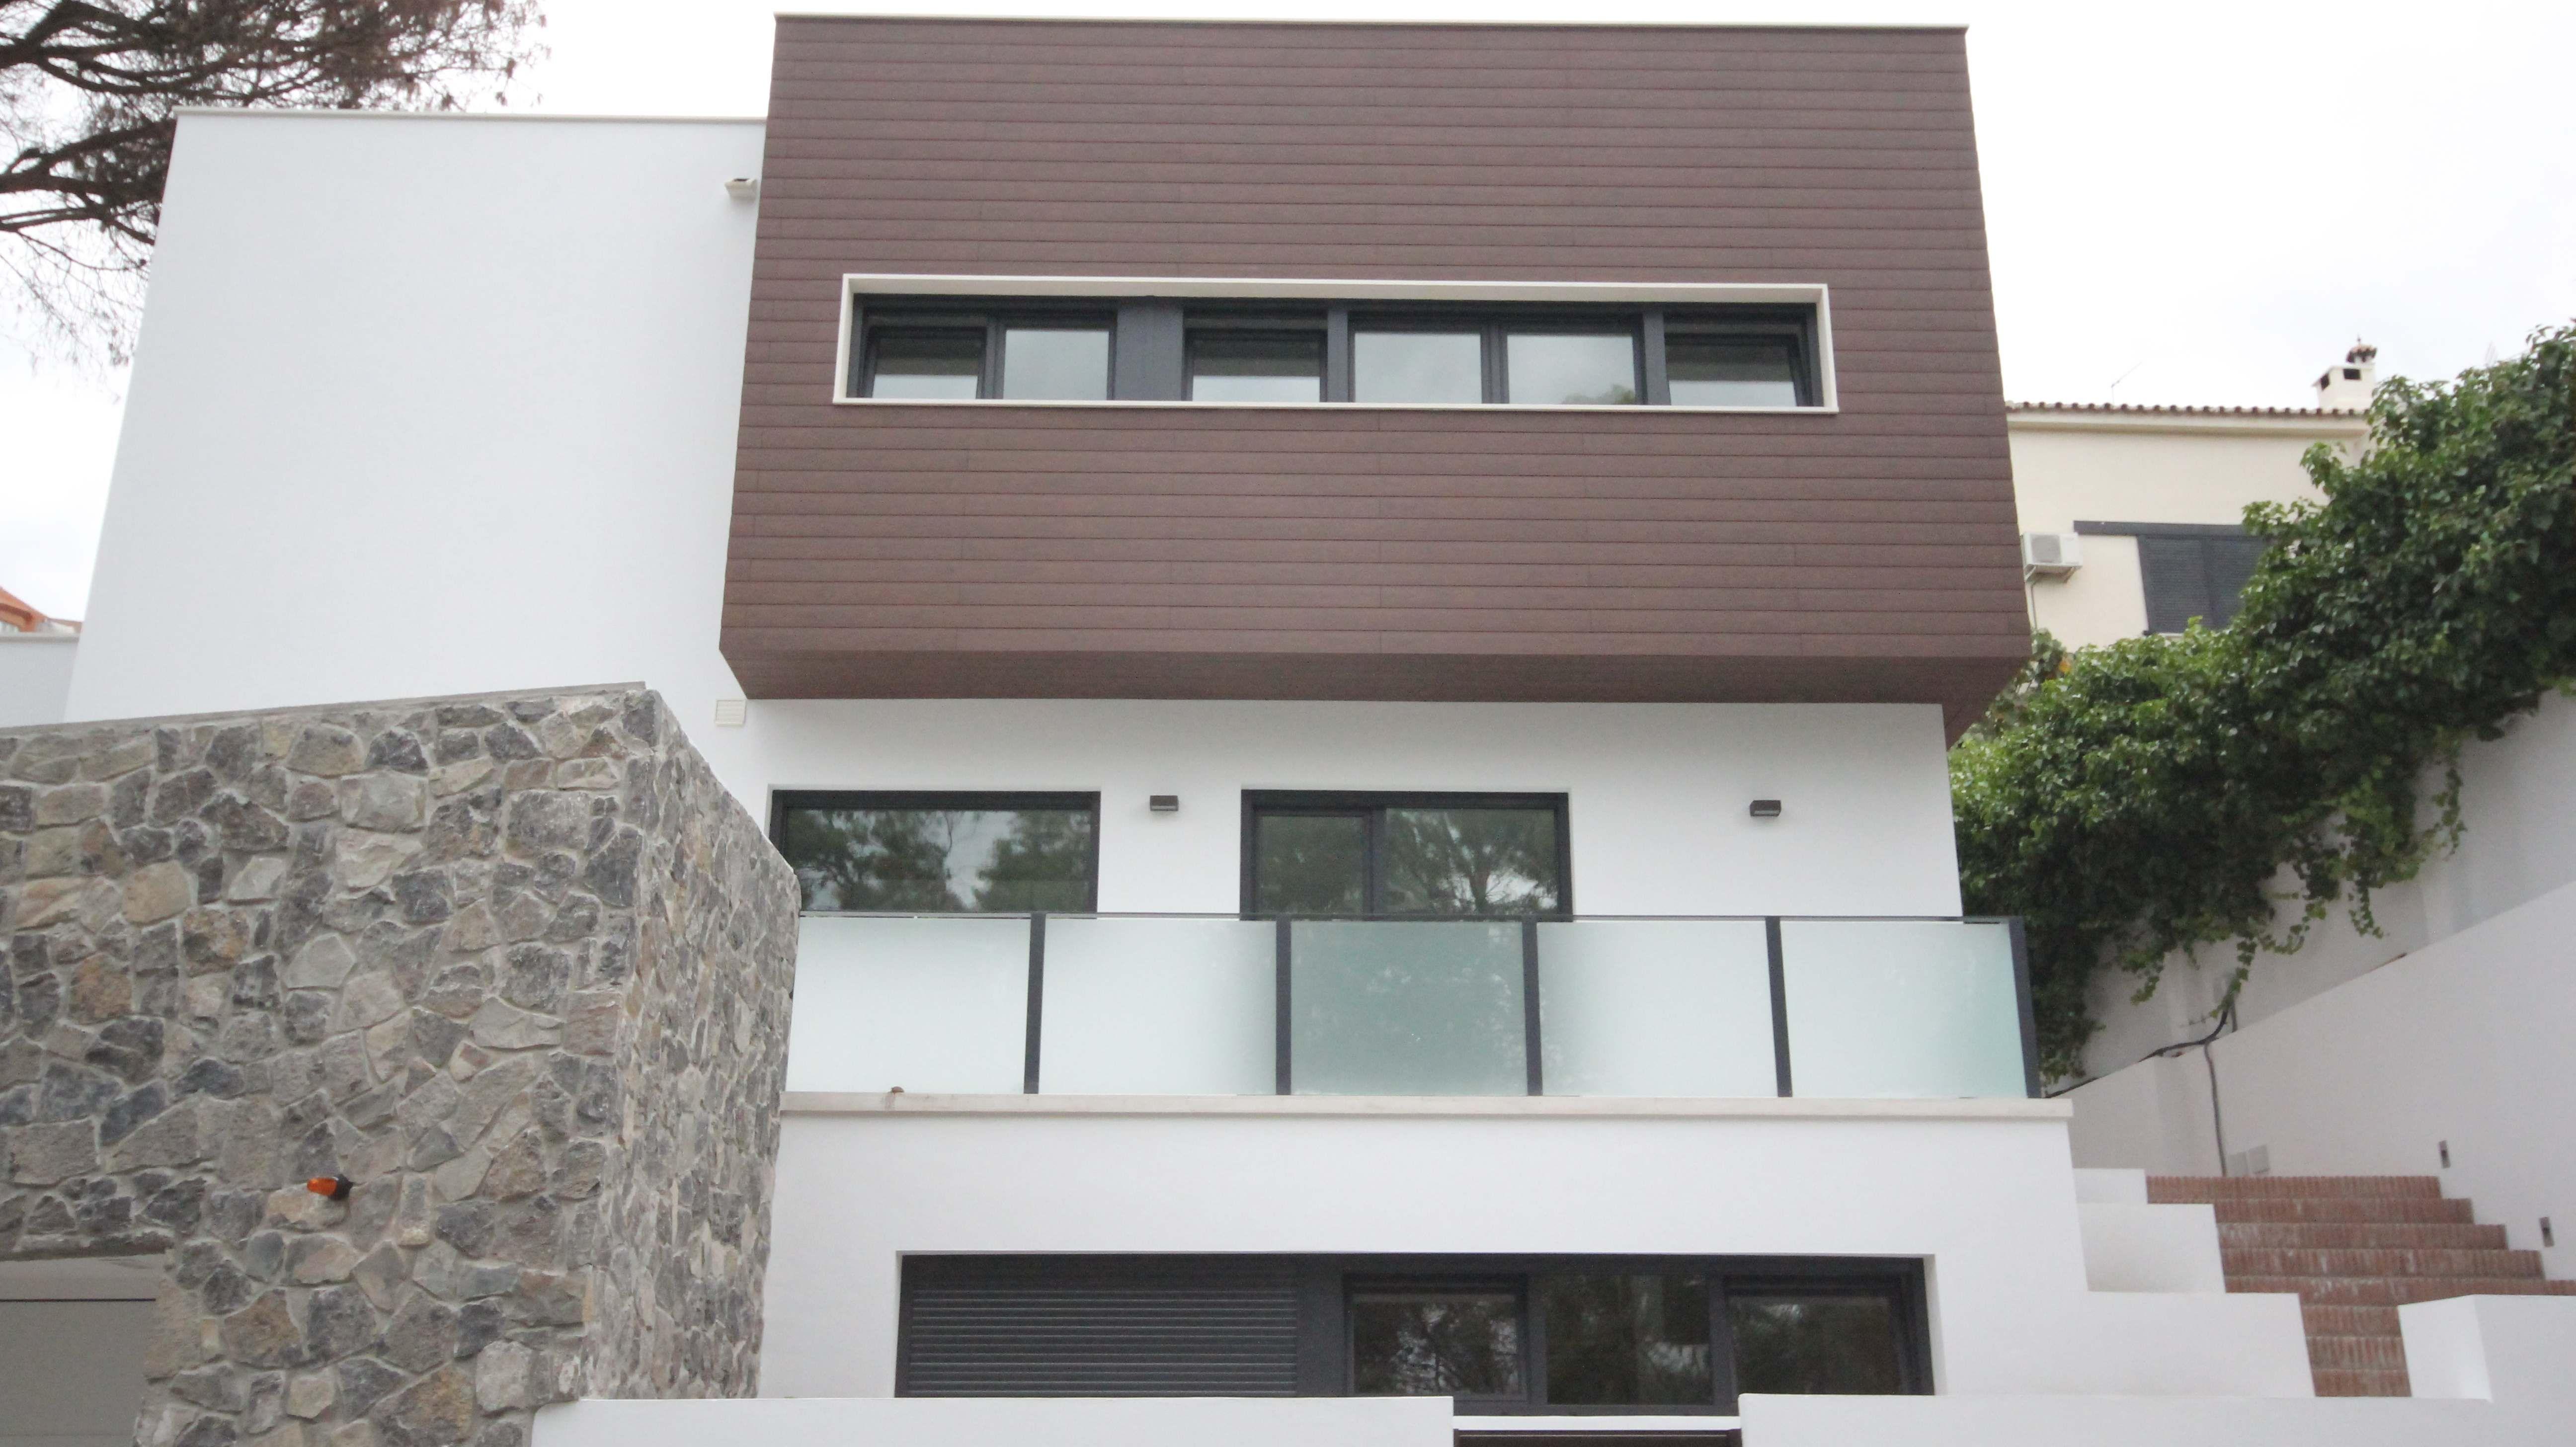 revestimientos de fachadas buscar con google - Revestimientos De Fachadas